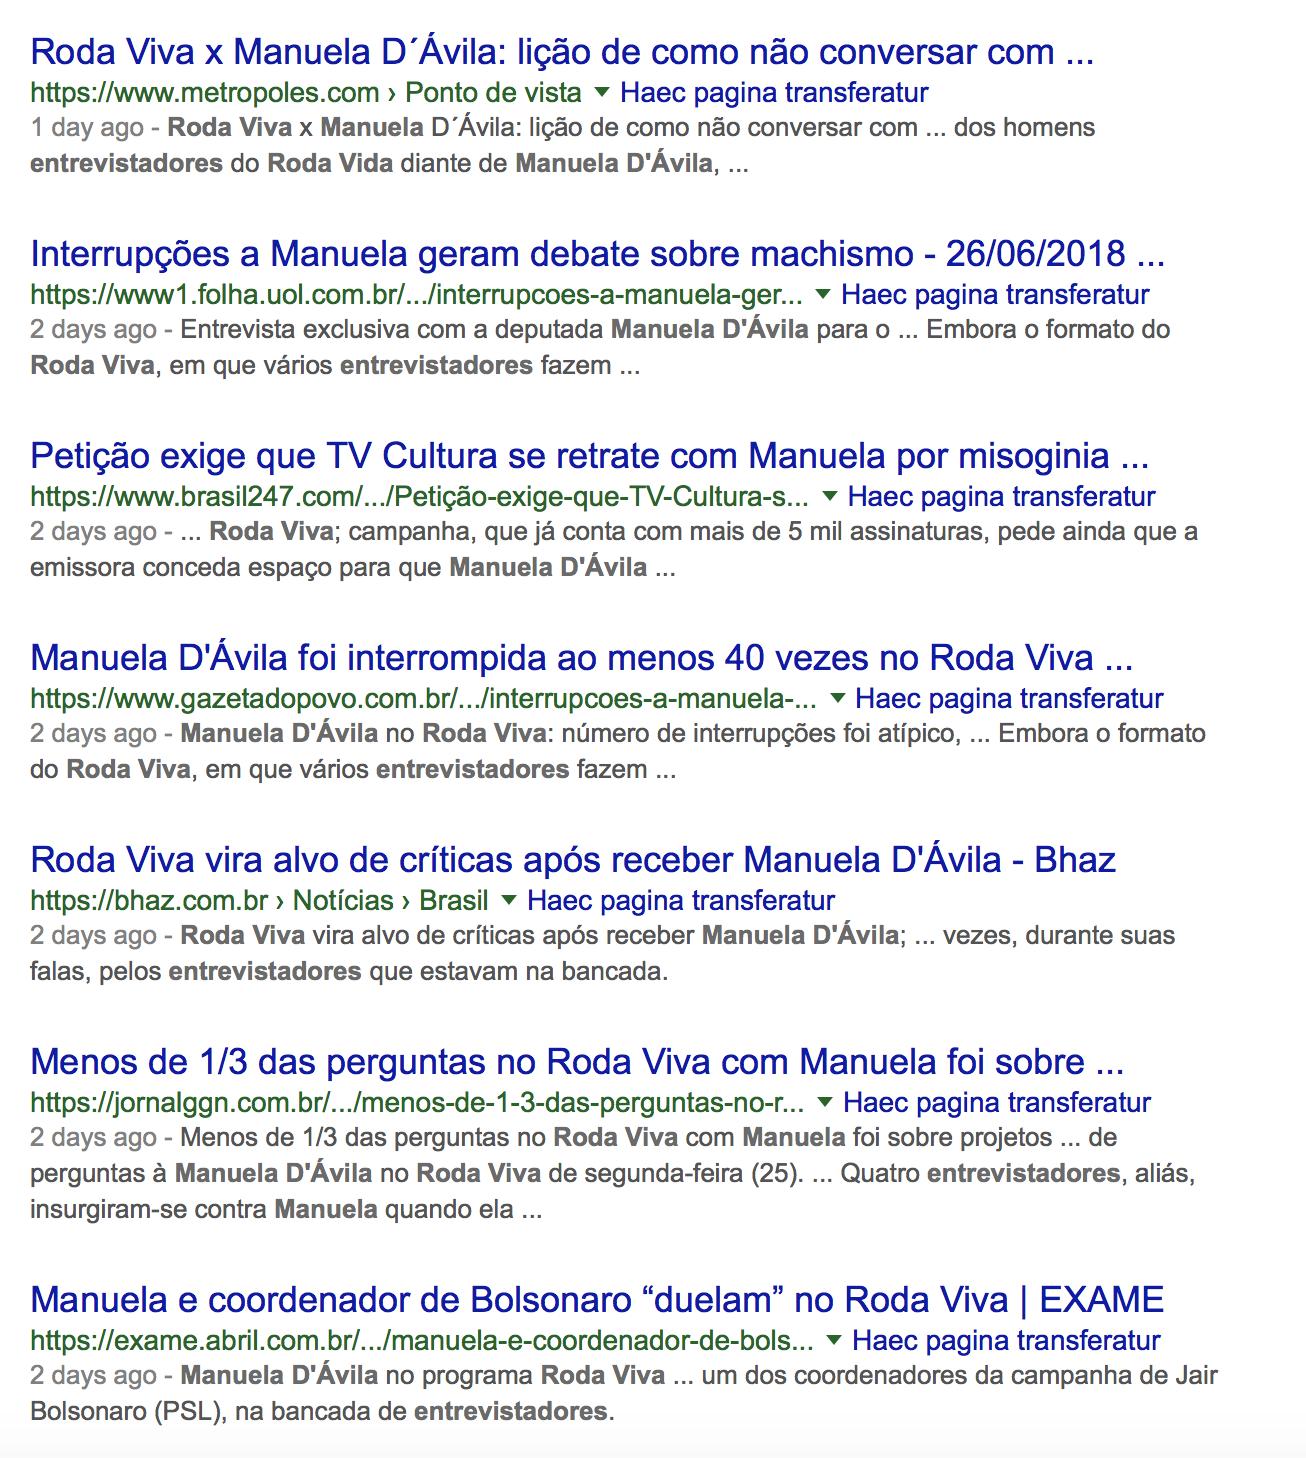 """Manuela d'Ávila: mídia inventa que sofreu """"ataque machista"""" no Google"""